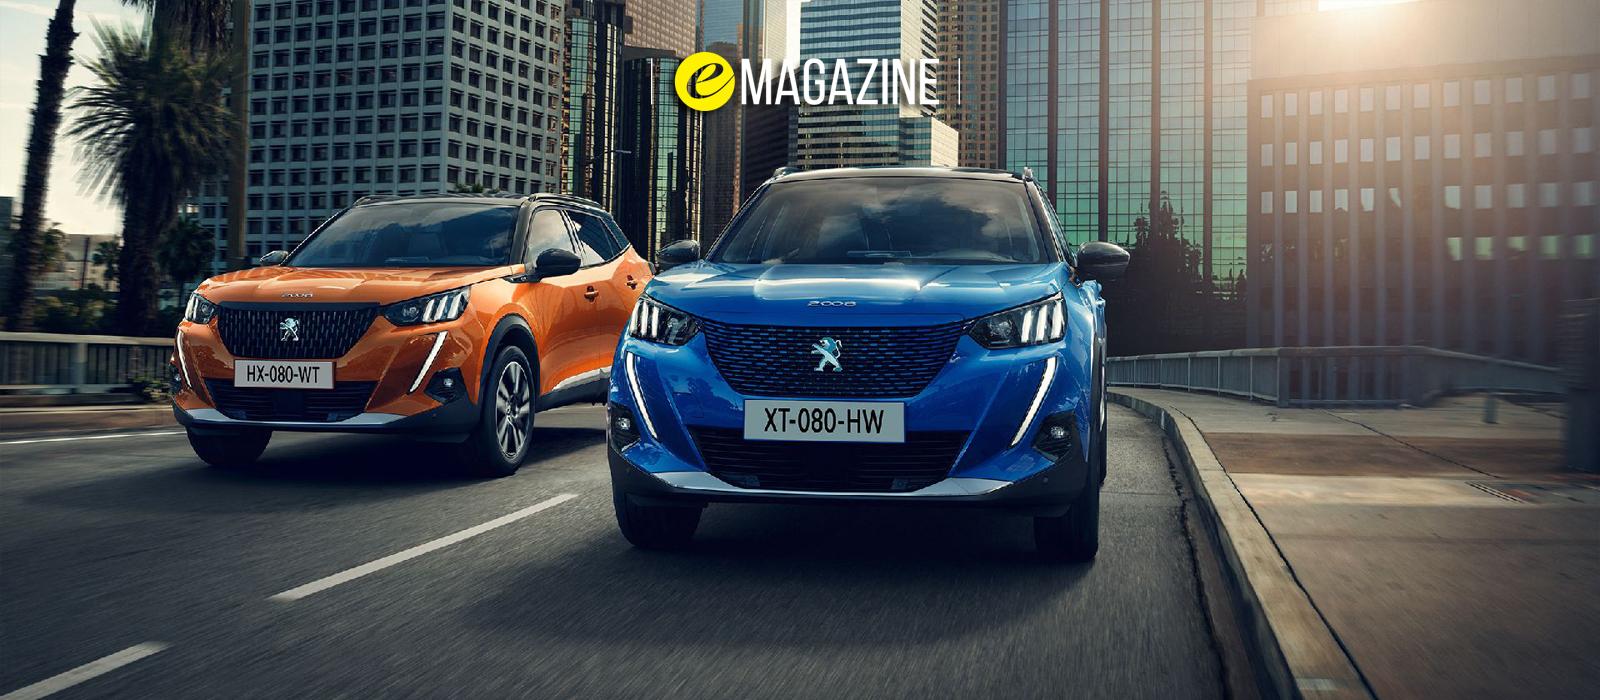 Peugeot thế hệ mới 2008 thêm phiên bản chạy hoàn toàn bằng điện